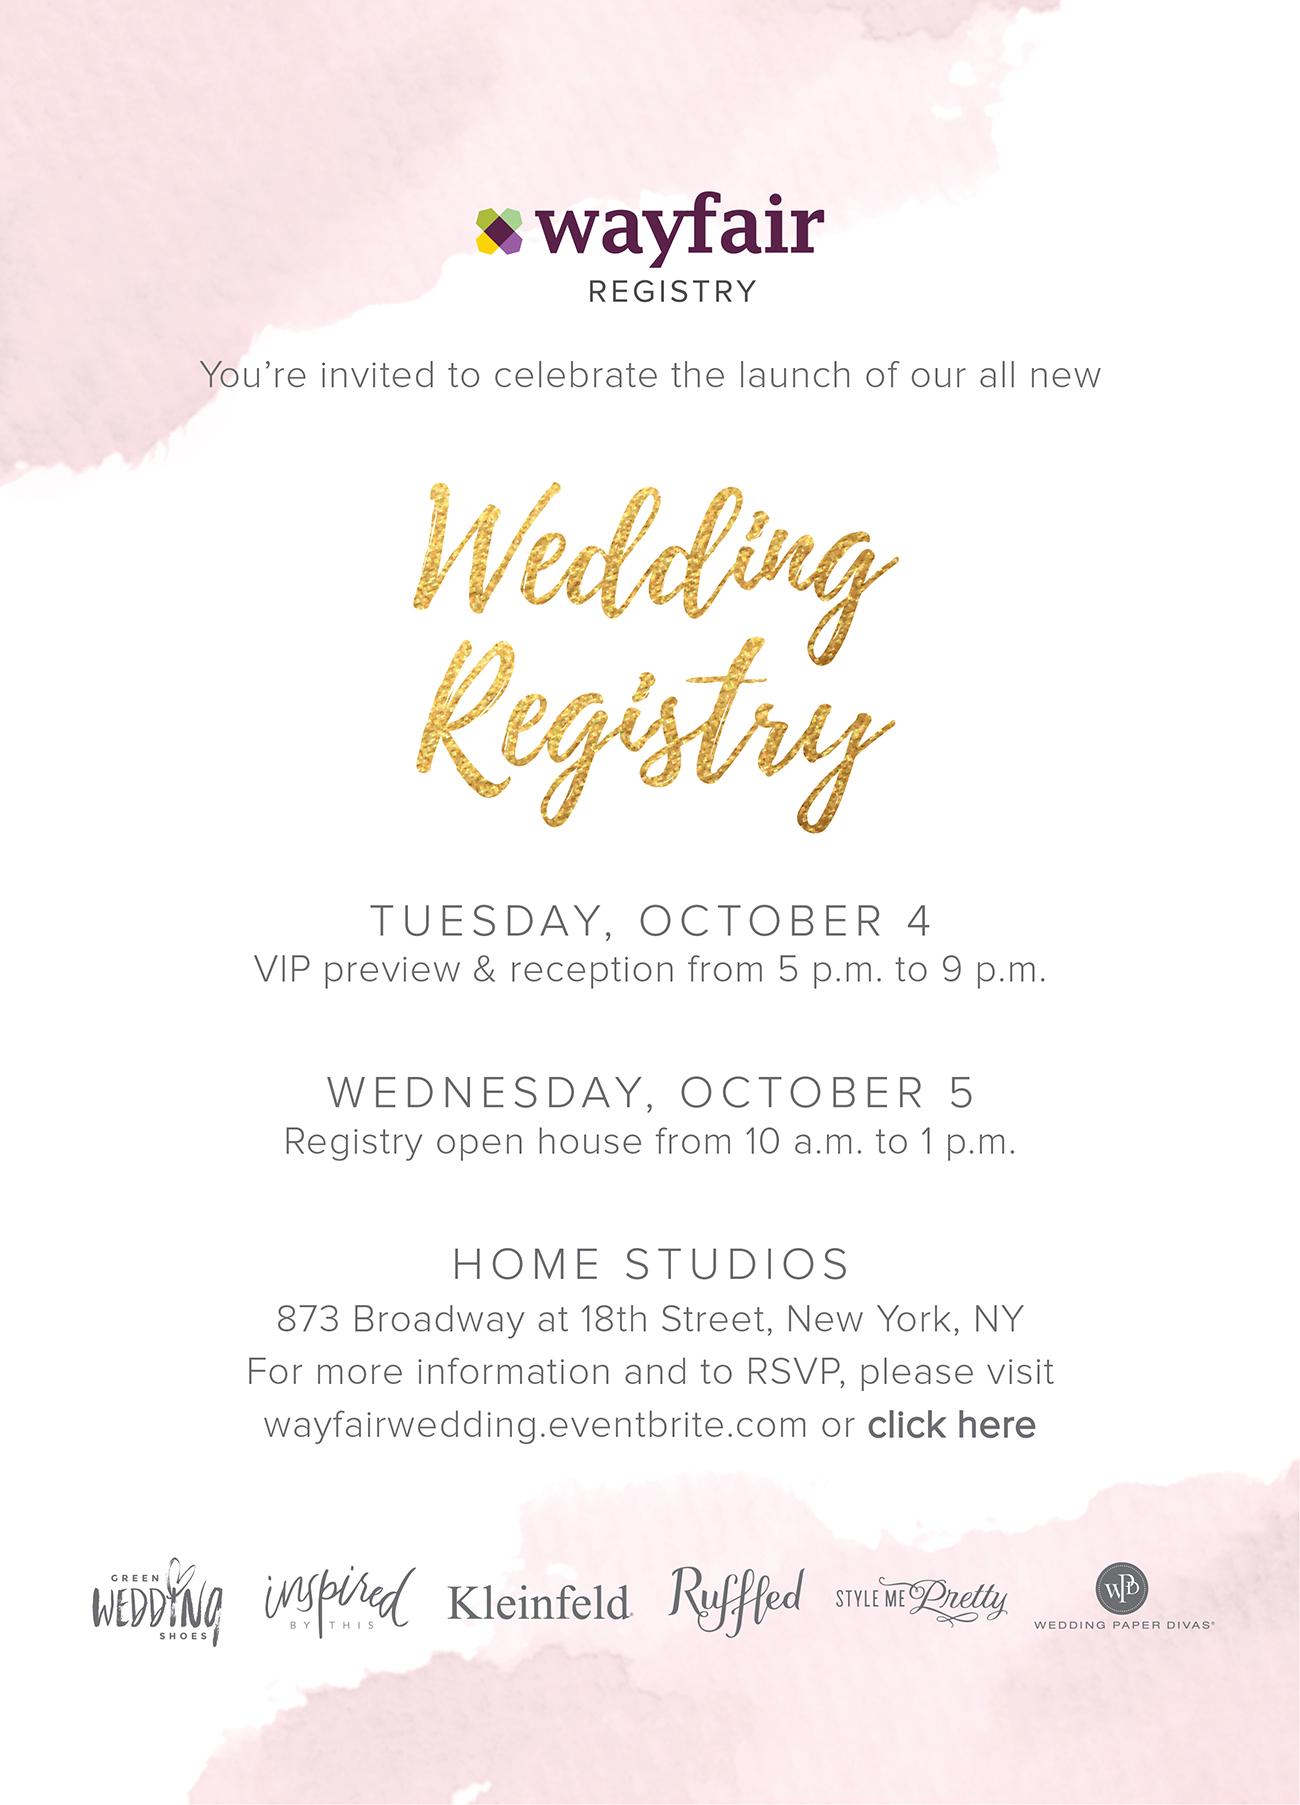 Wayfair Registry Event